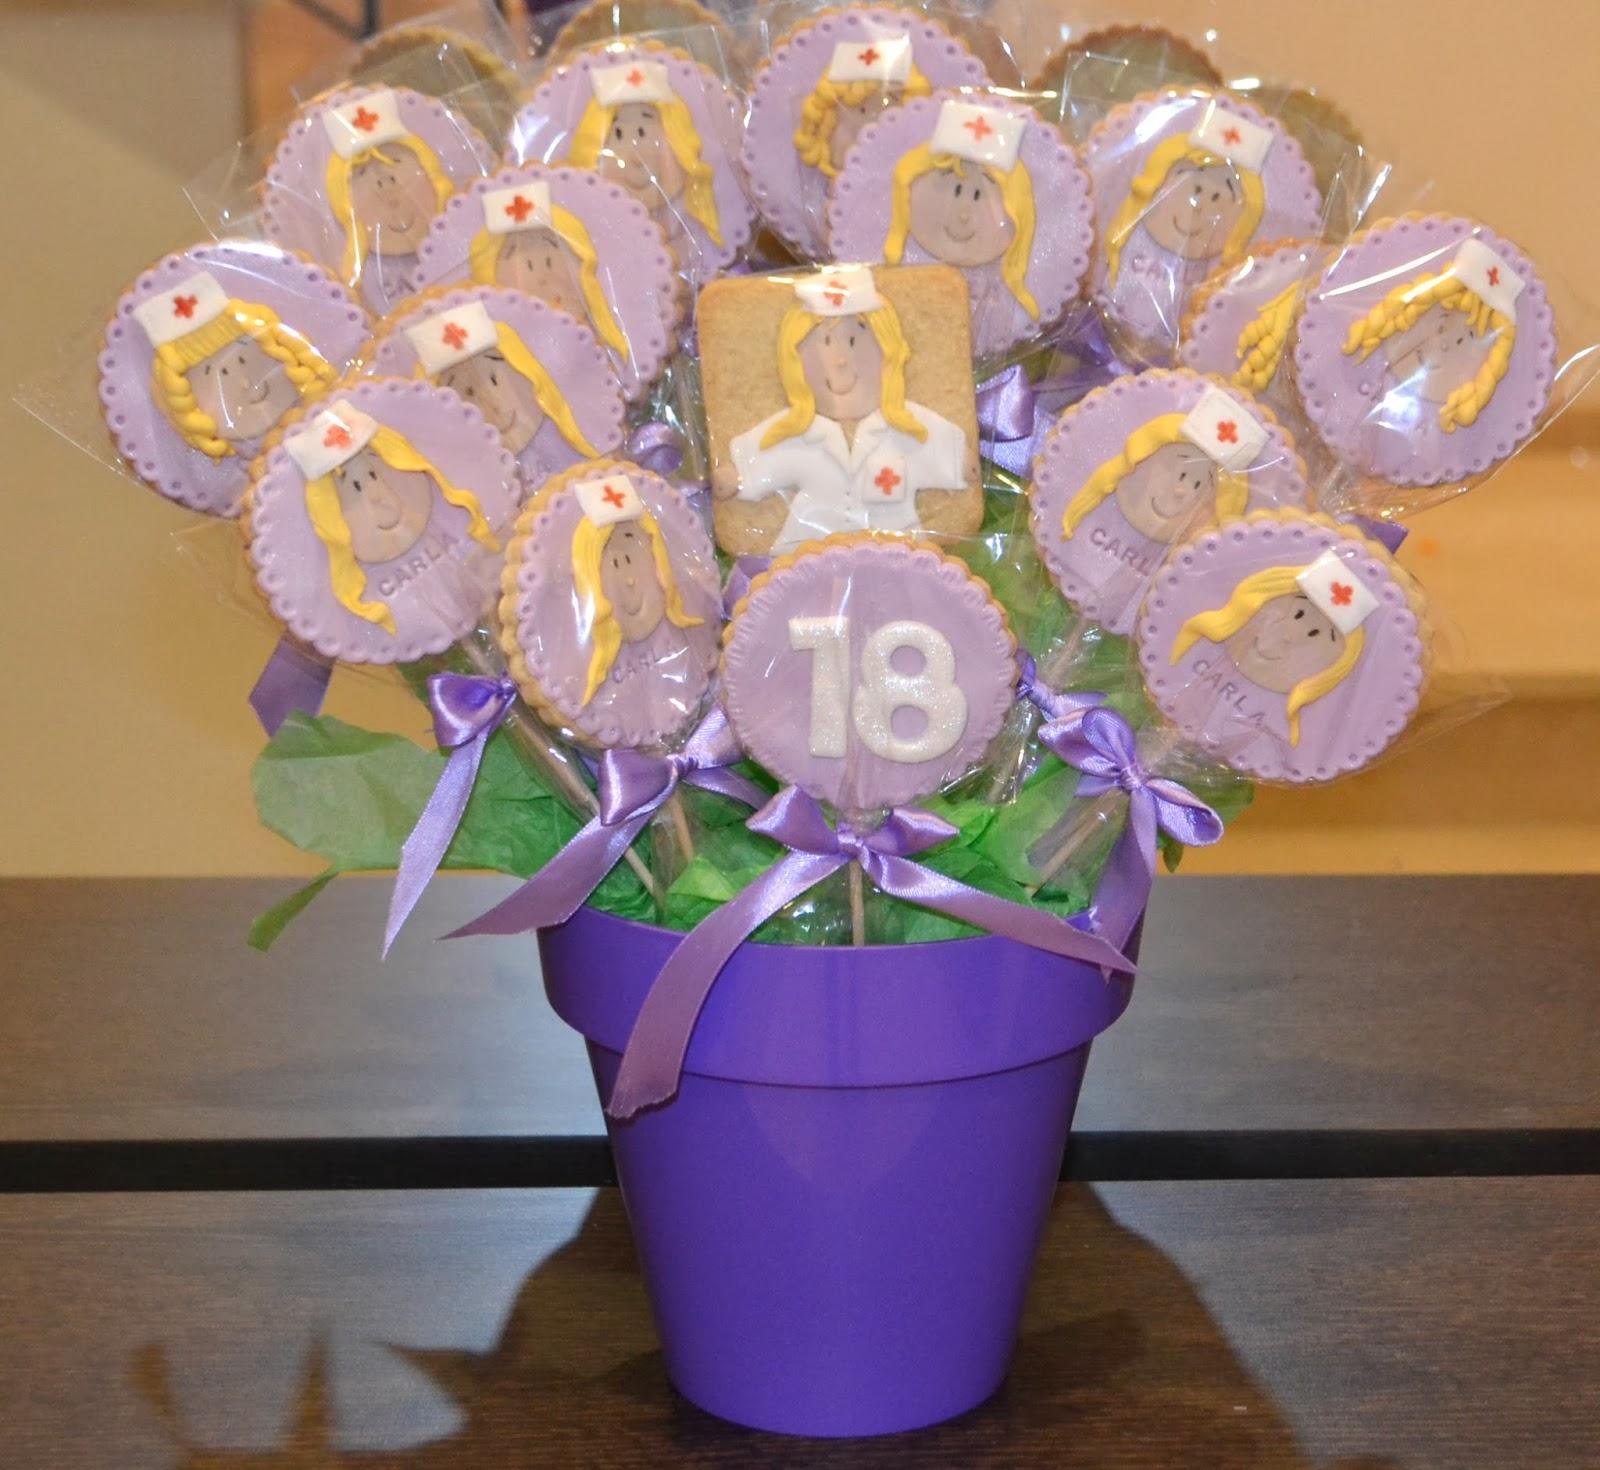 Maceta de galletas decoradas con fondant enfermera violeta cumpleaños 18 lazos raso empaquetadas individualmente